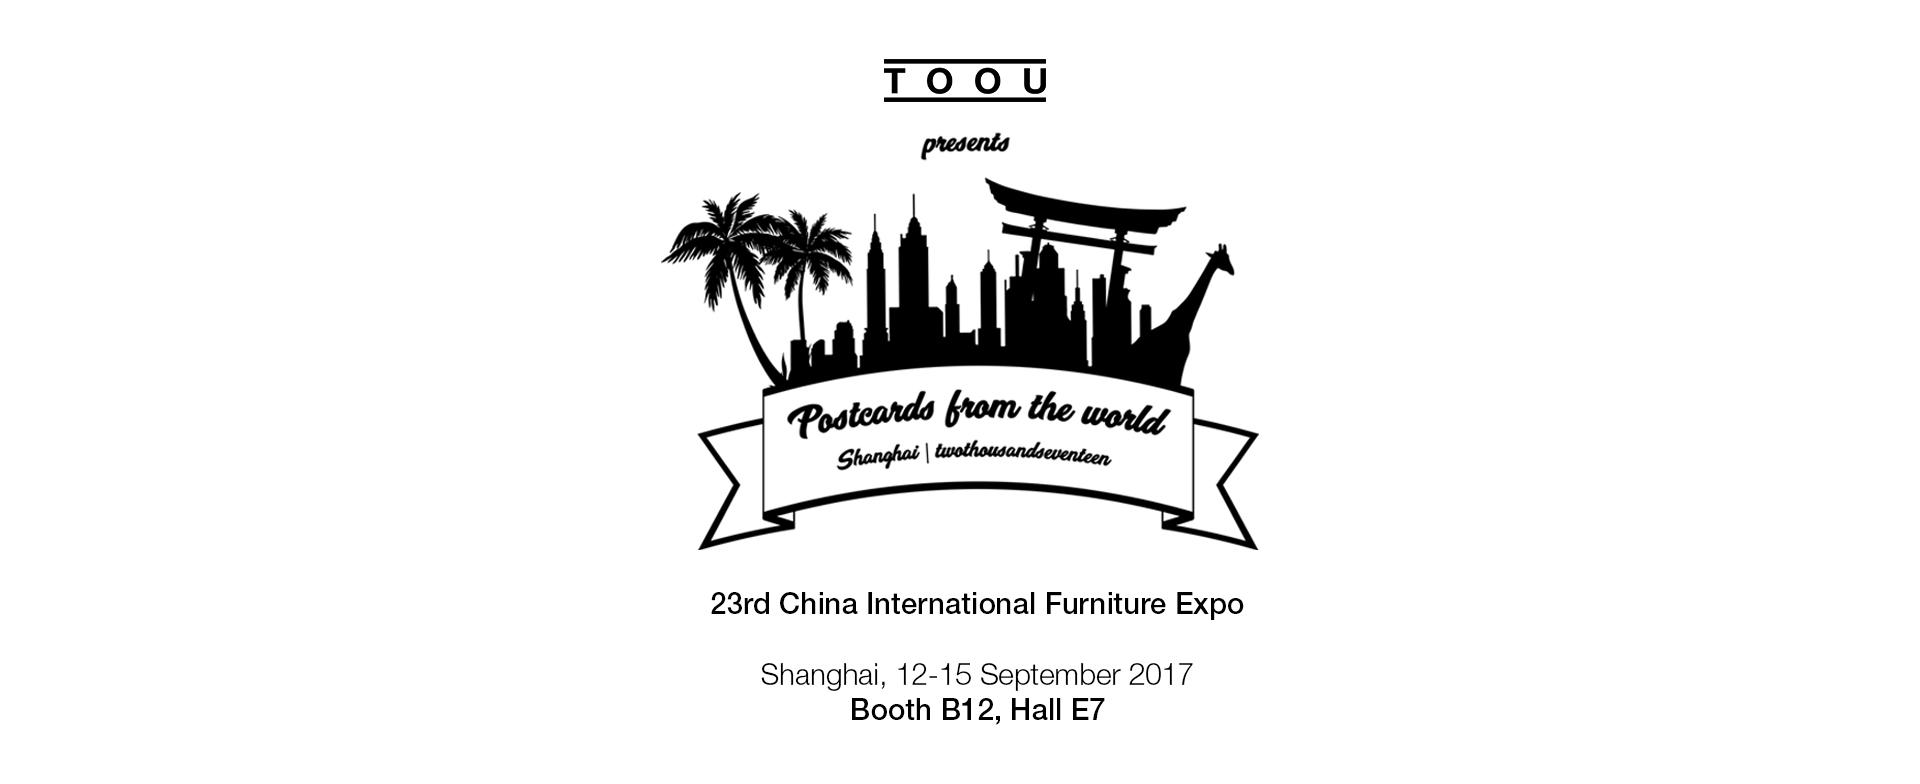 TOOU 上海展示会